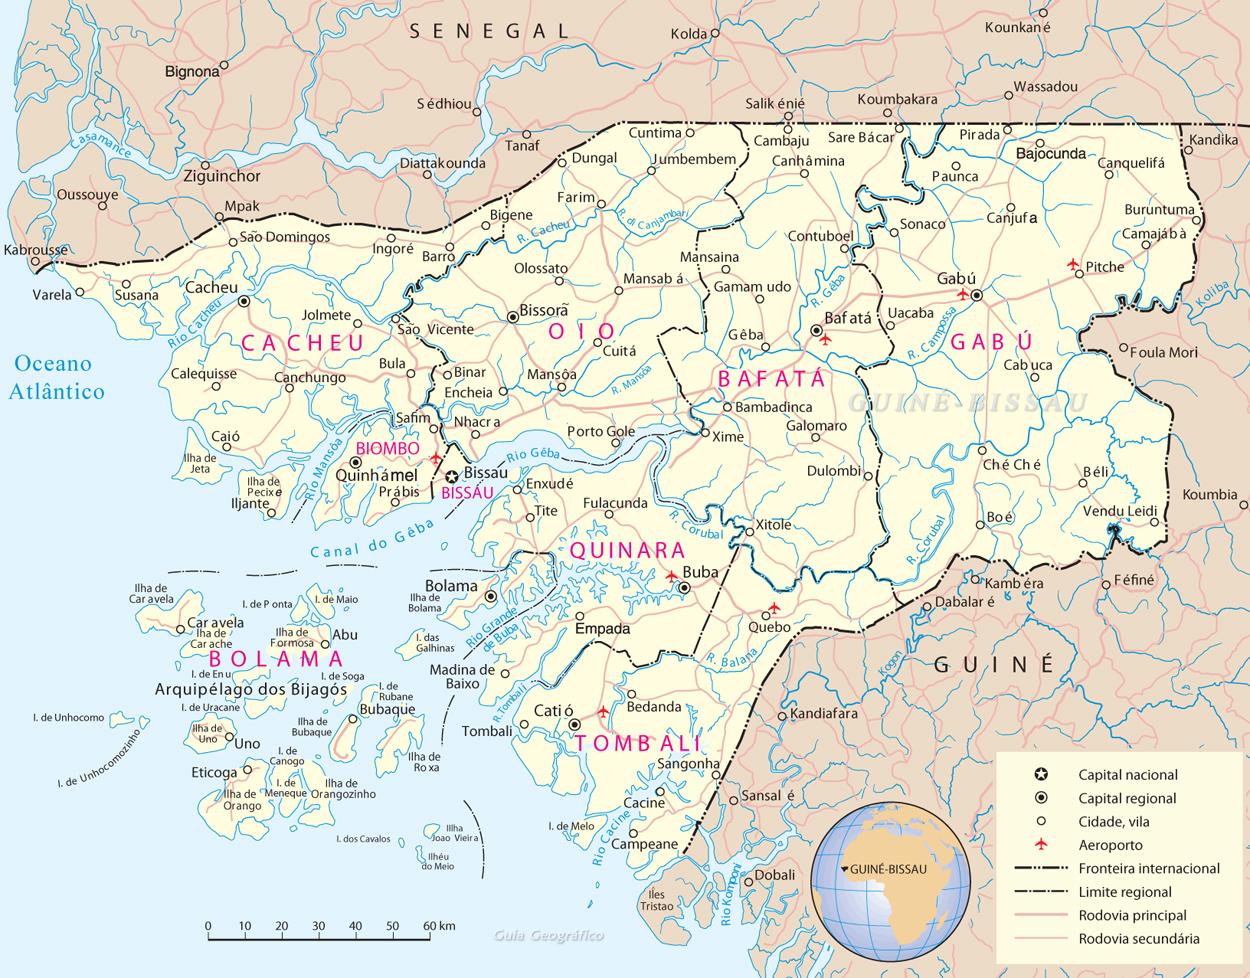 Mapa Guiné-Bissau